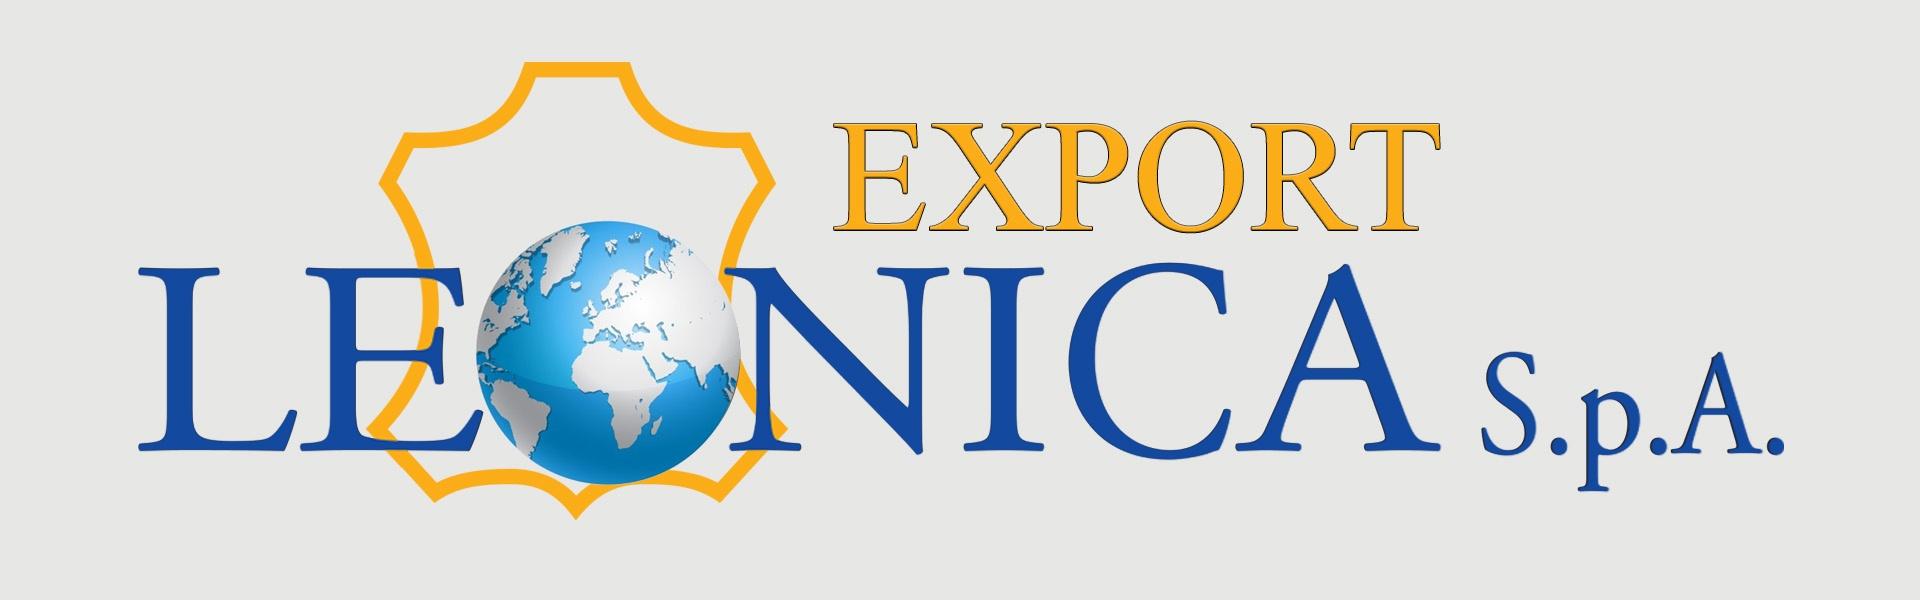 Il mercato estero delle pelli italiane firmate Leonica